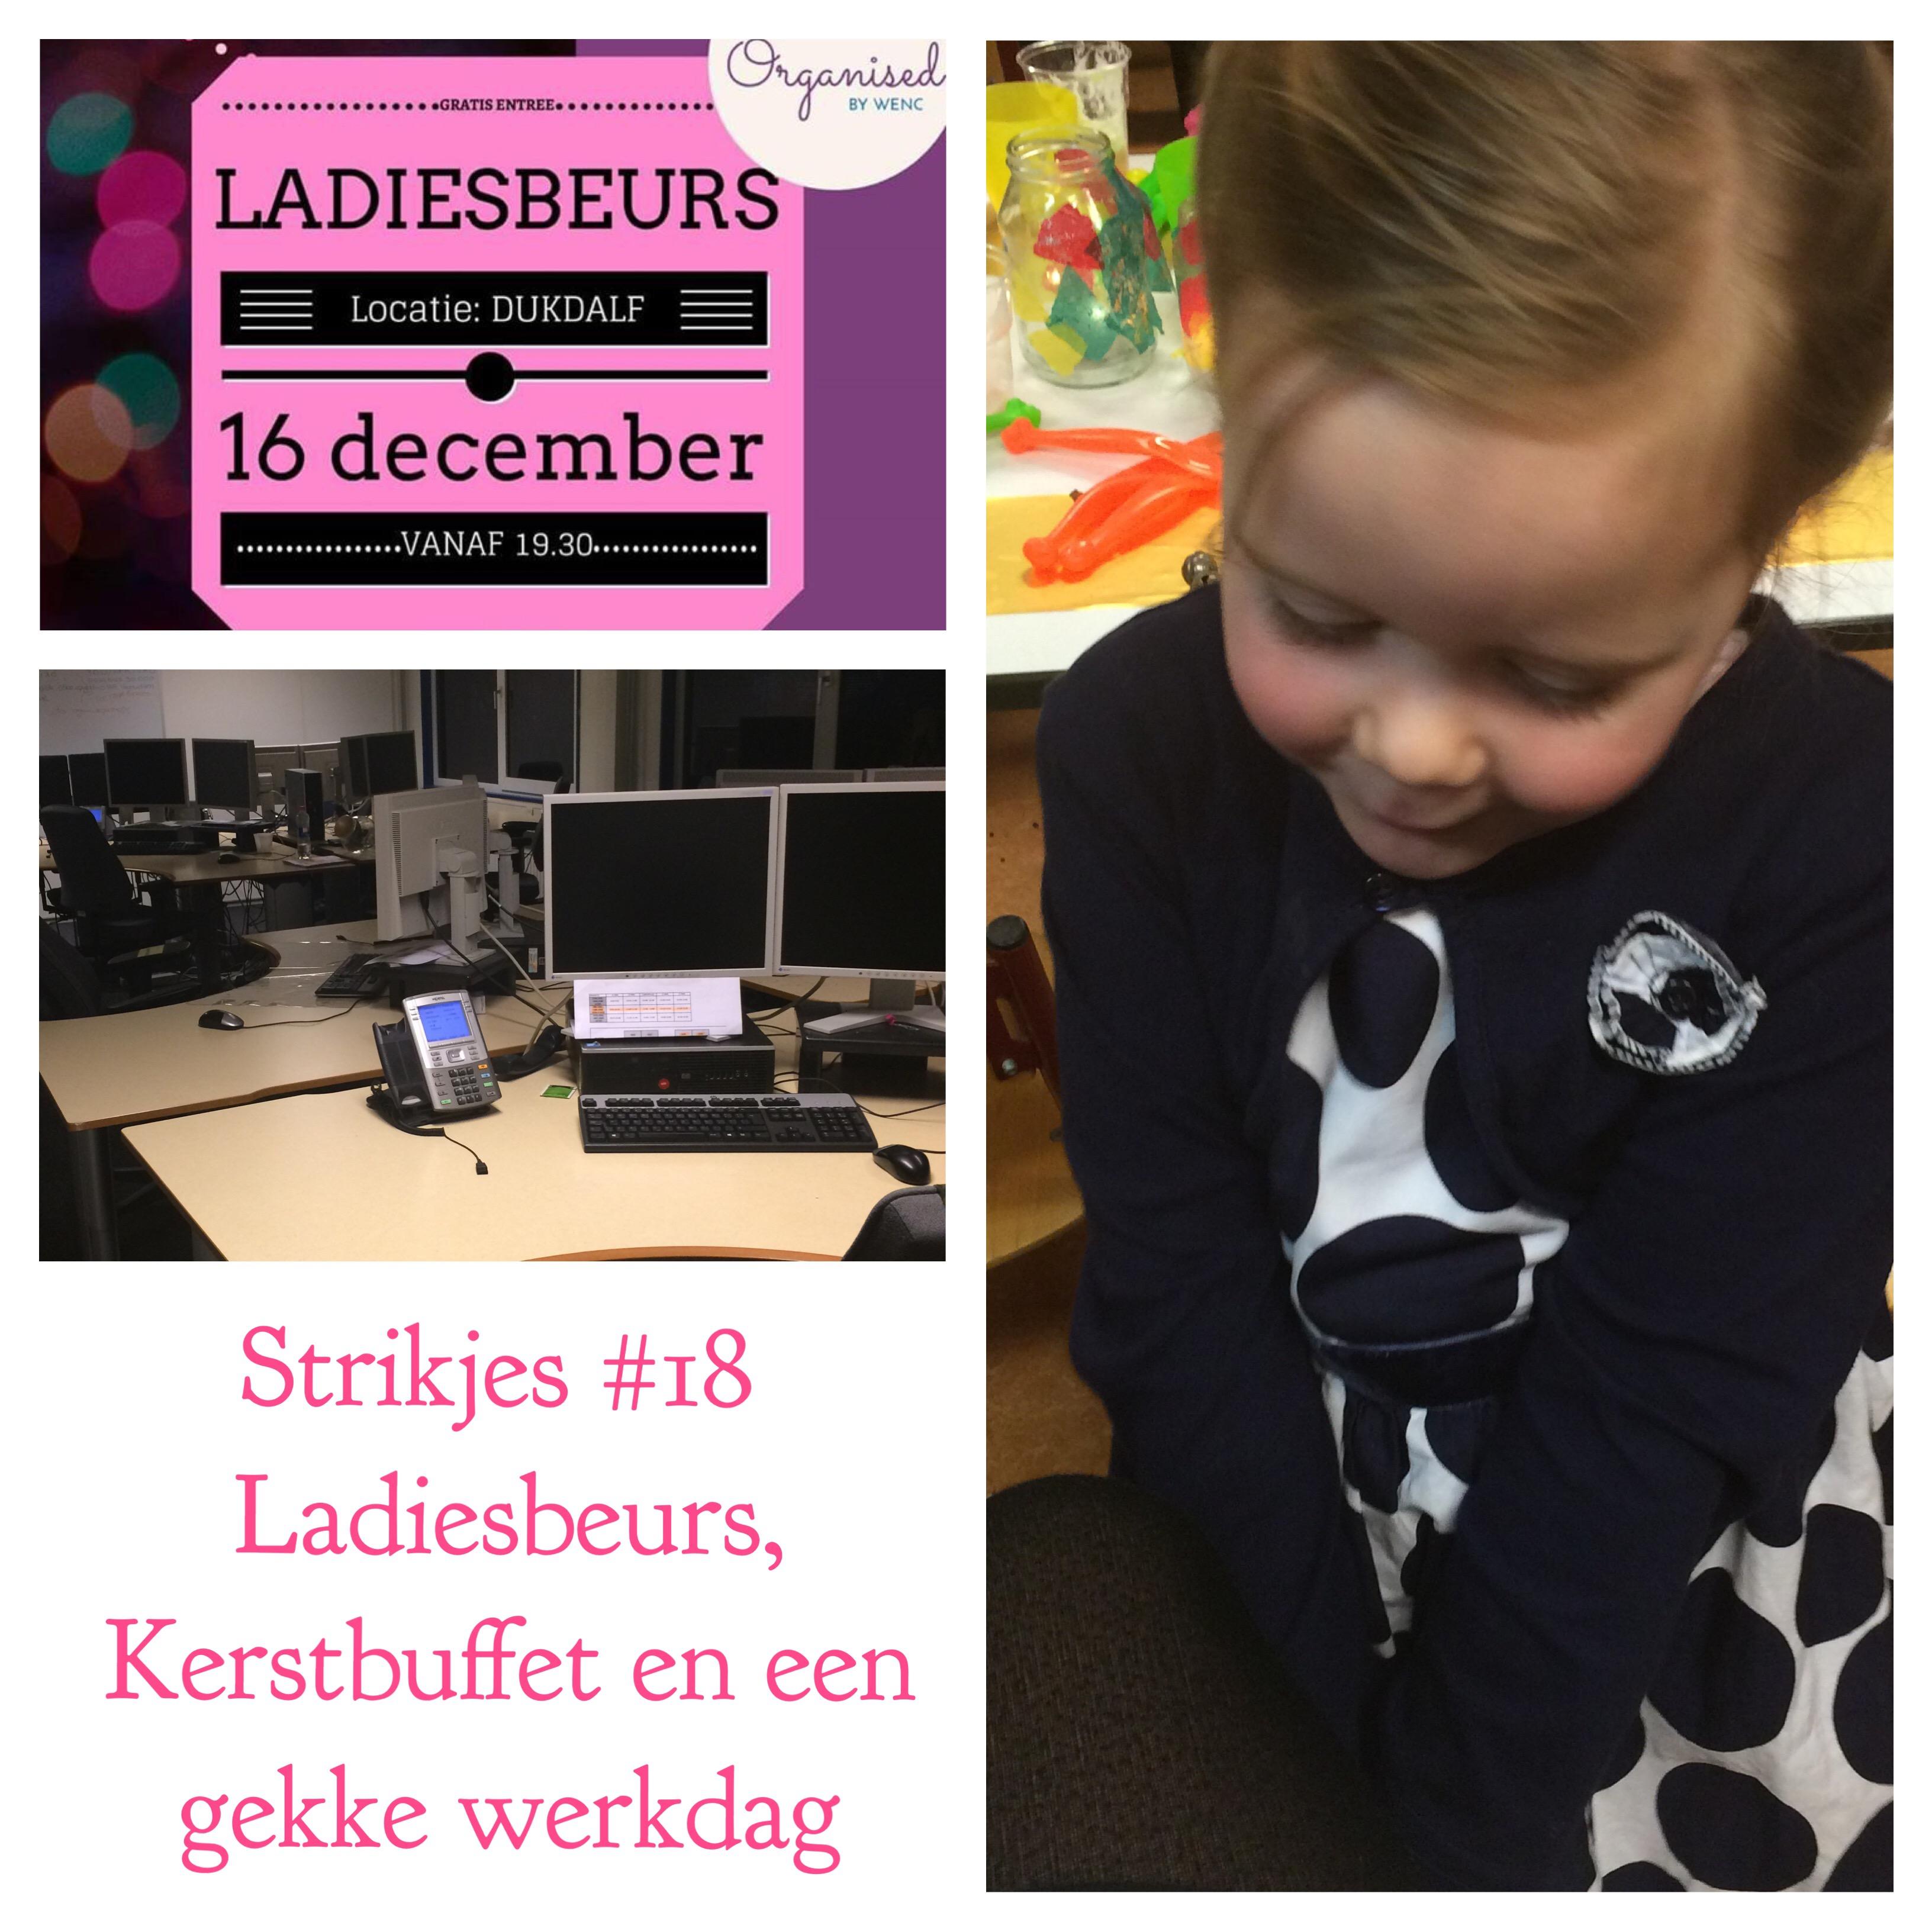 Strikjes #18 Ladiesbeurs, Kerstbuffet en een gekke werkdag